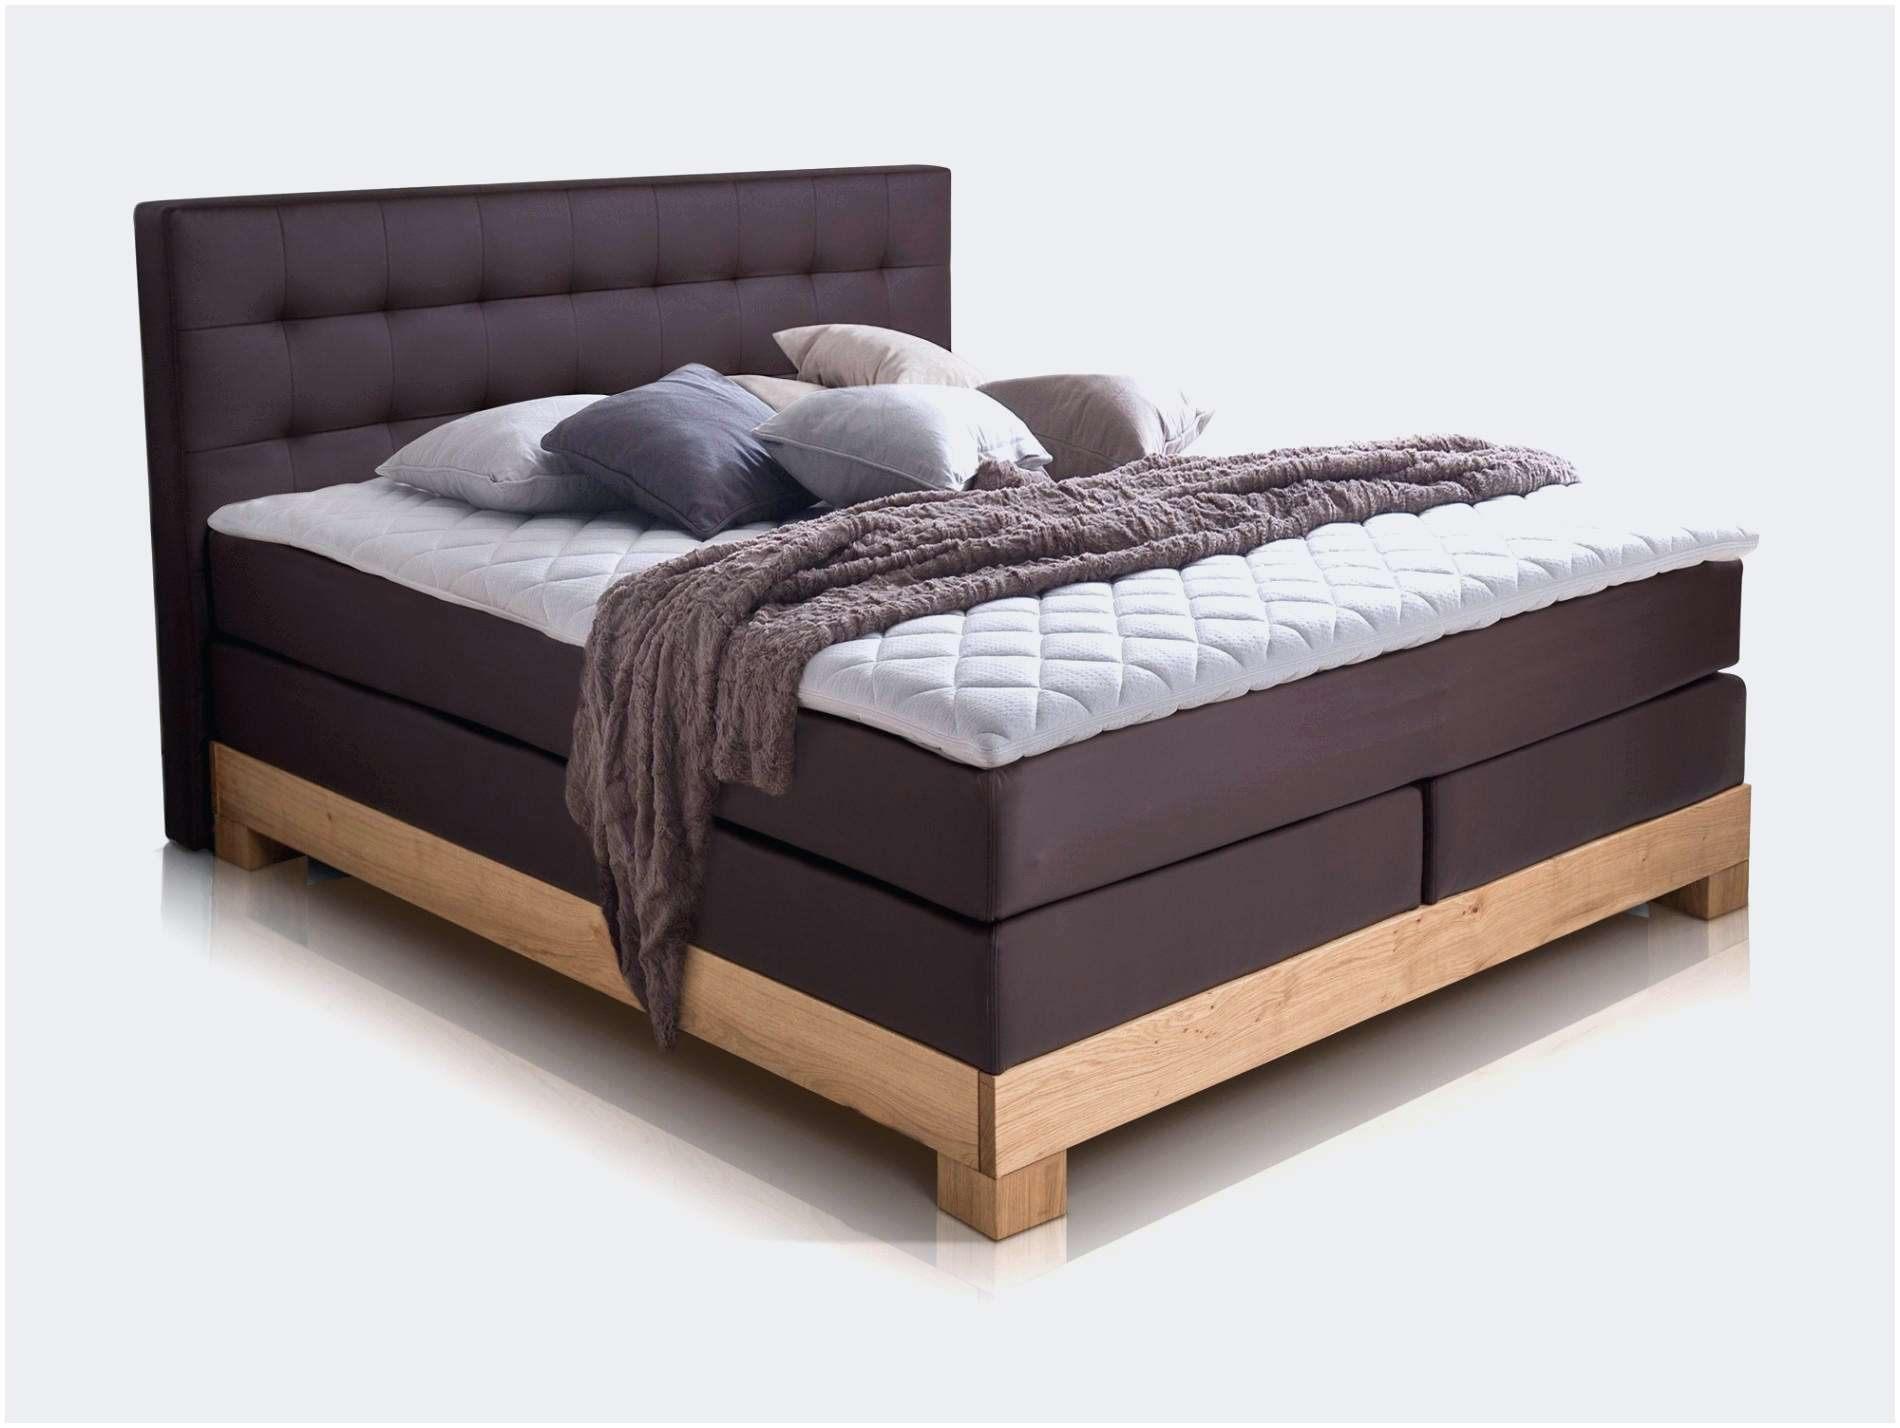 Inspiré sommier En Kit 140—190 Ikea Beau S Verin Lit Coffre Génial